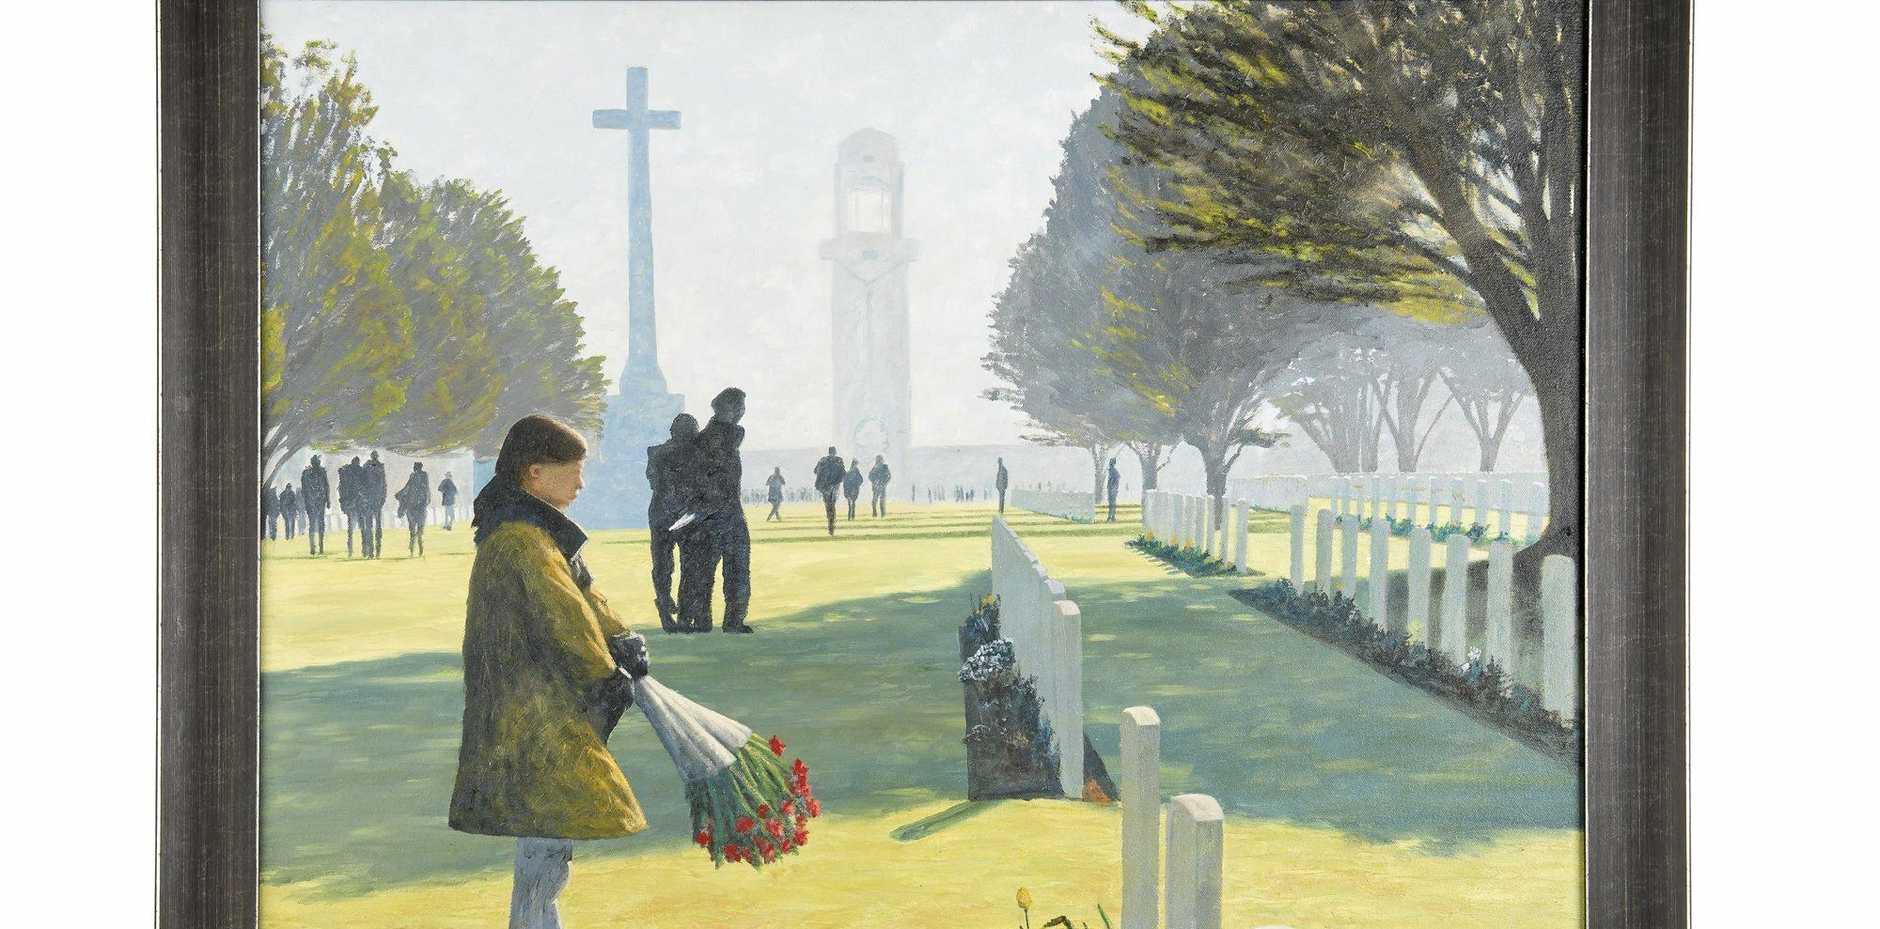 Garry DOLAN / Villers-Bretonneux 2015 / Watercolour on canvas / 78 Ã-- 62cm